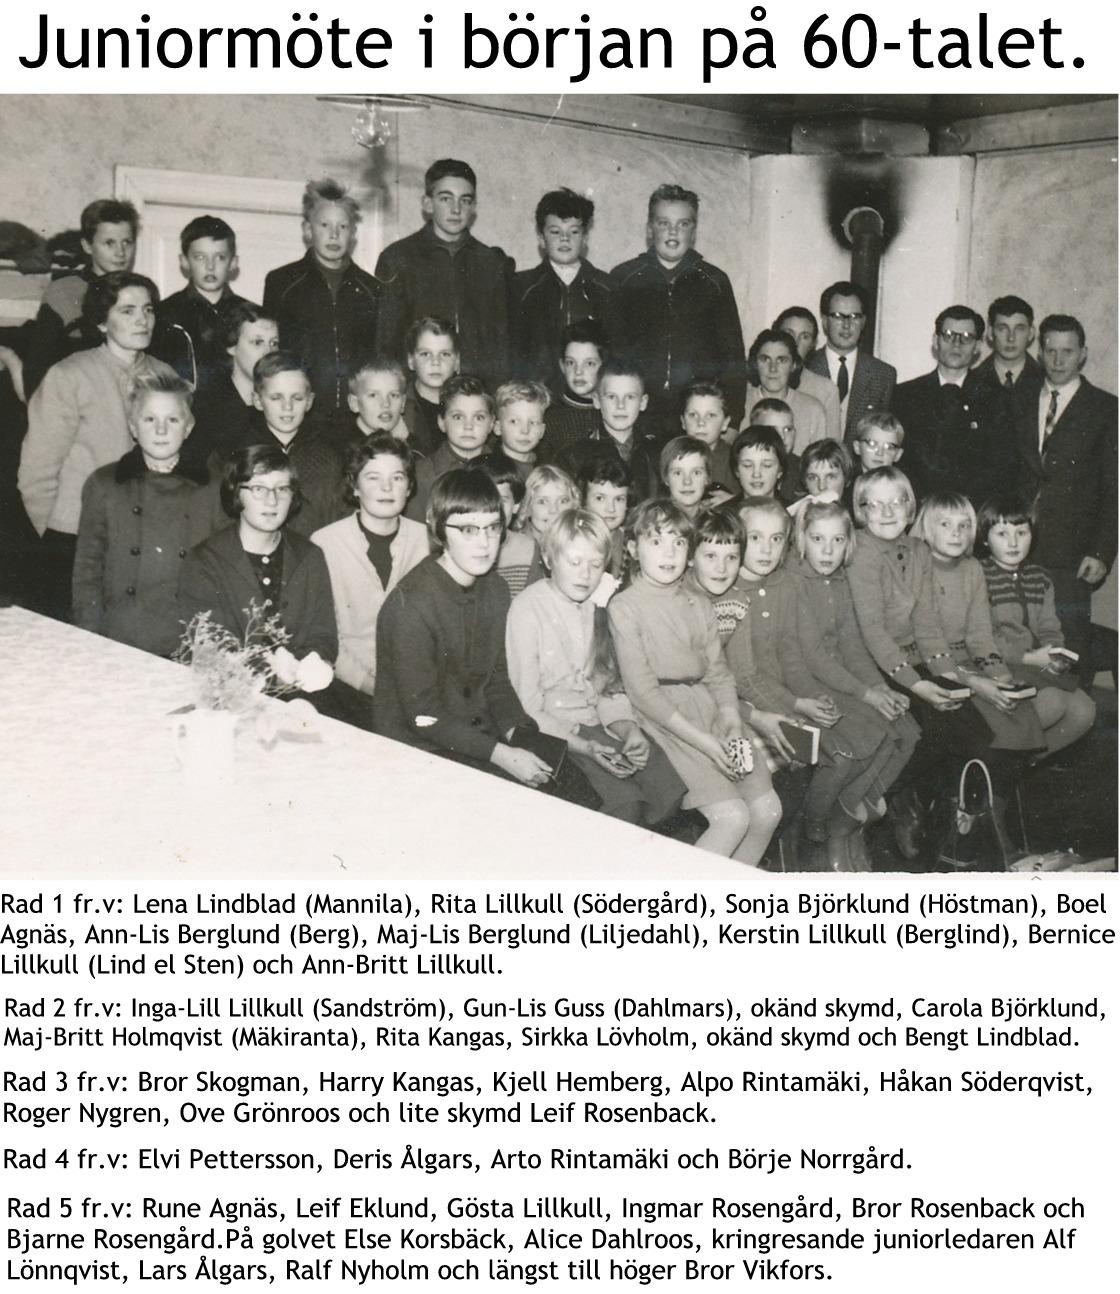 Juniormöte på 60-talet med namn